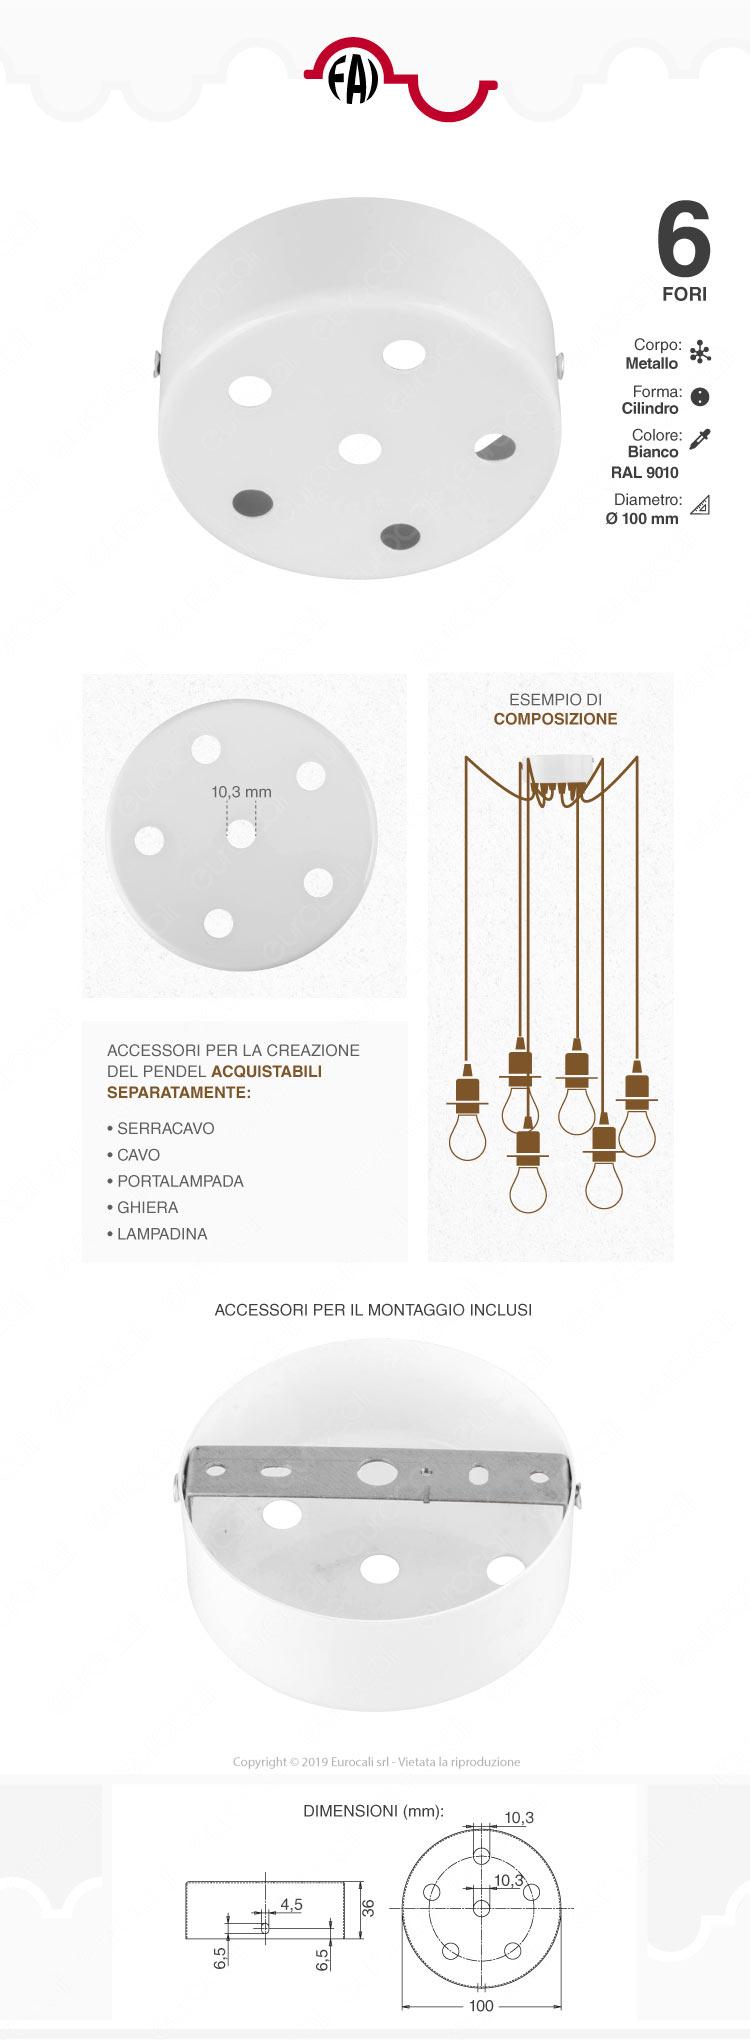 FAI Rosone Cilindrico in Metallo 6 Fori Colore Bianco Lucido